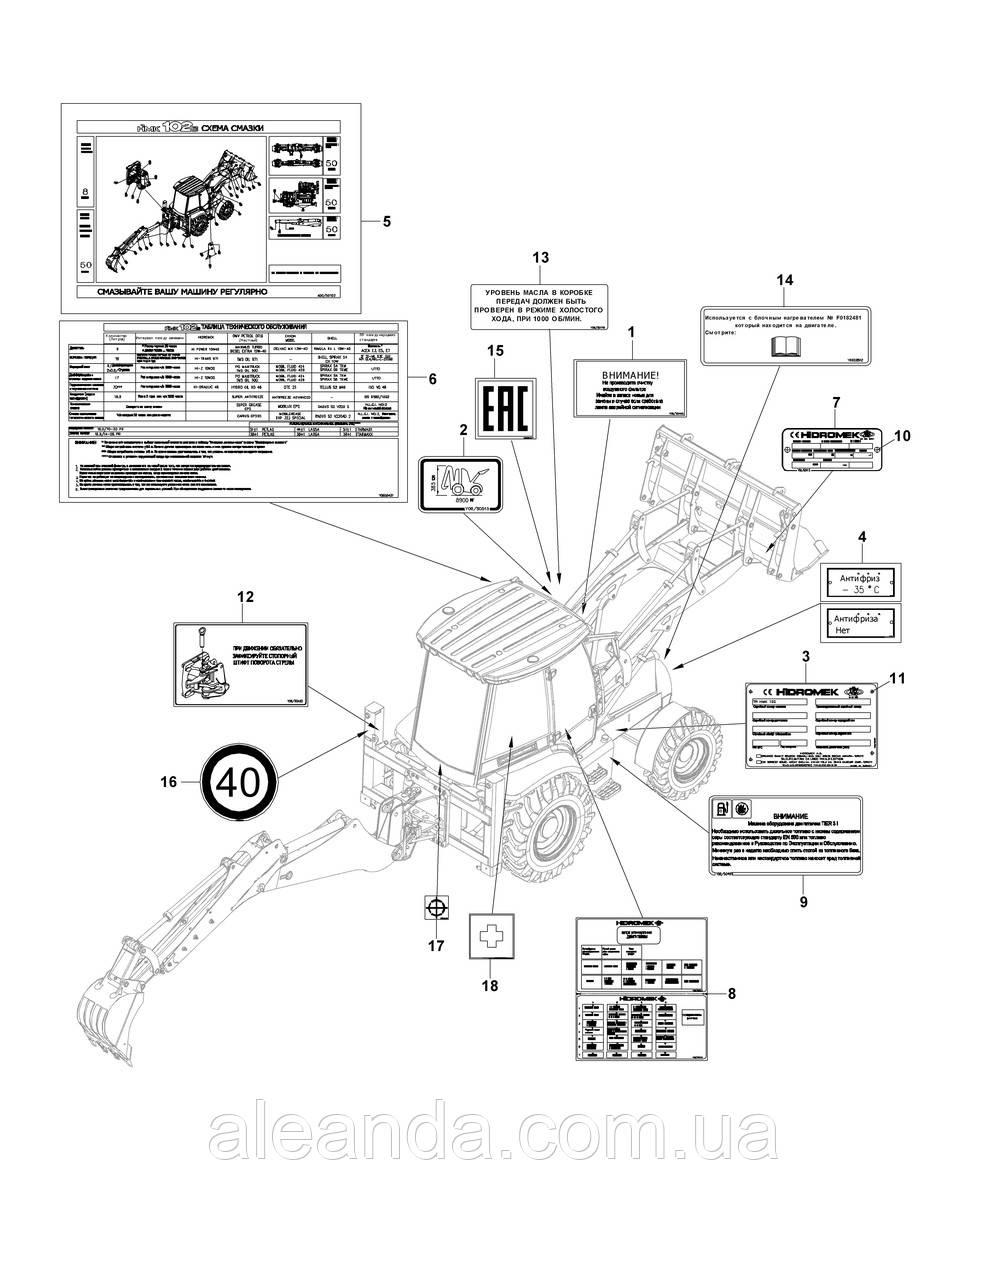 S4880830 ремкомплект гідроциліндра рукояті Hidromek